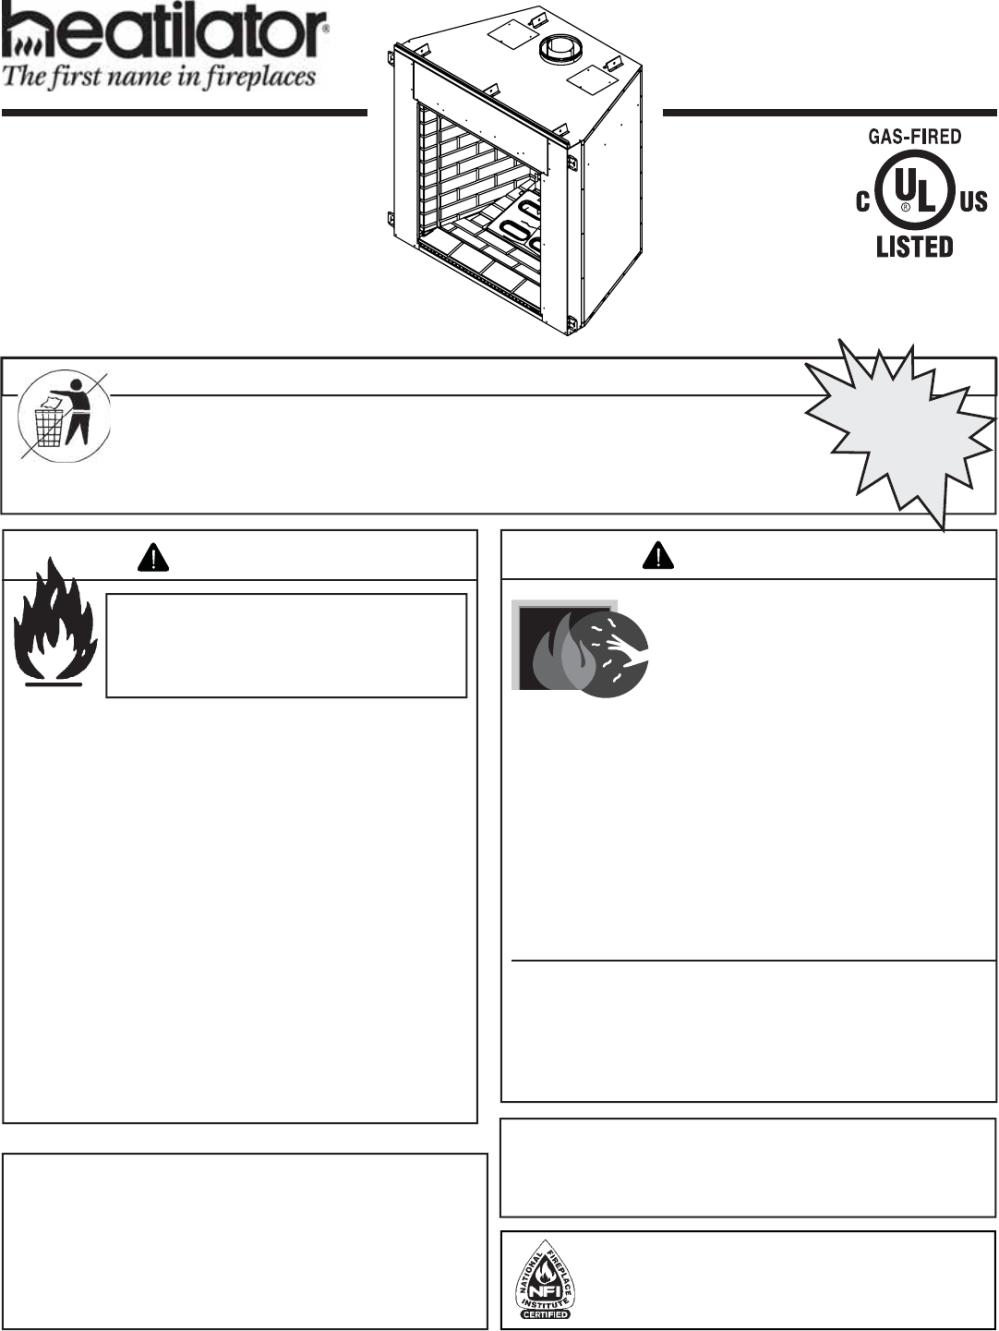 medium resolution of heatilator icon dv idv series 4042 575 rev s 5 11 1